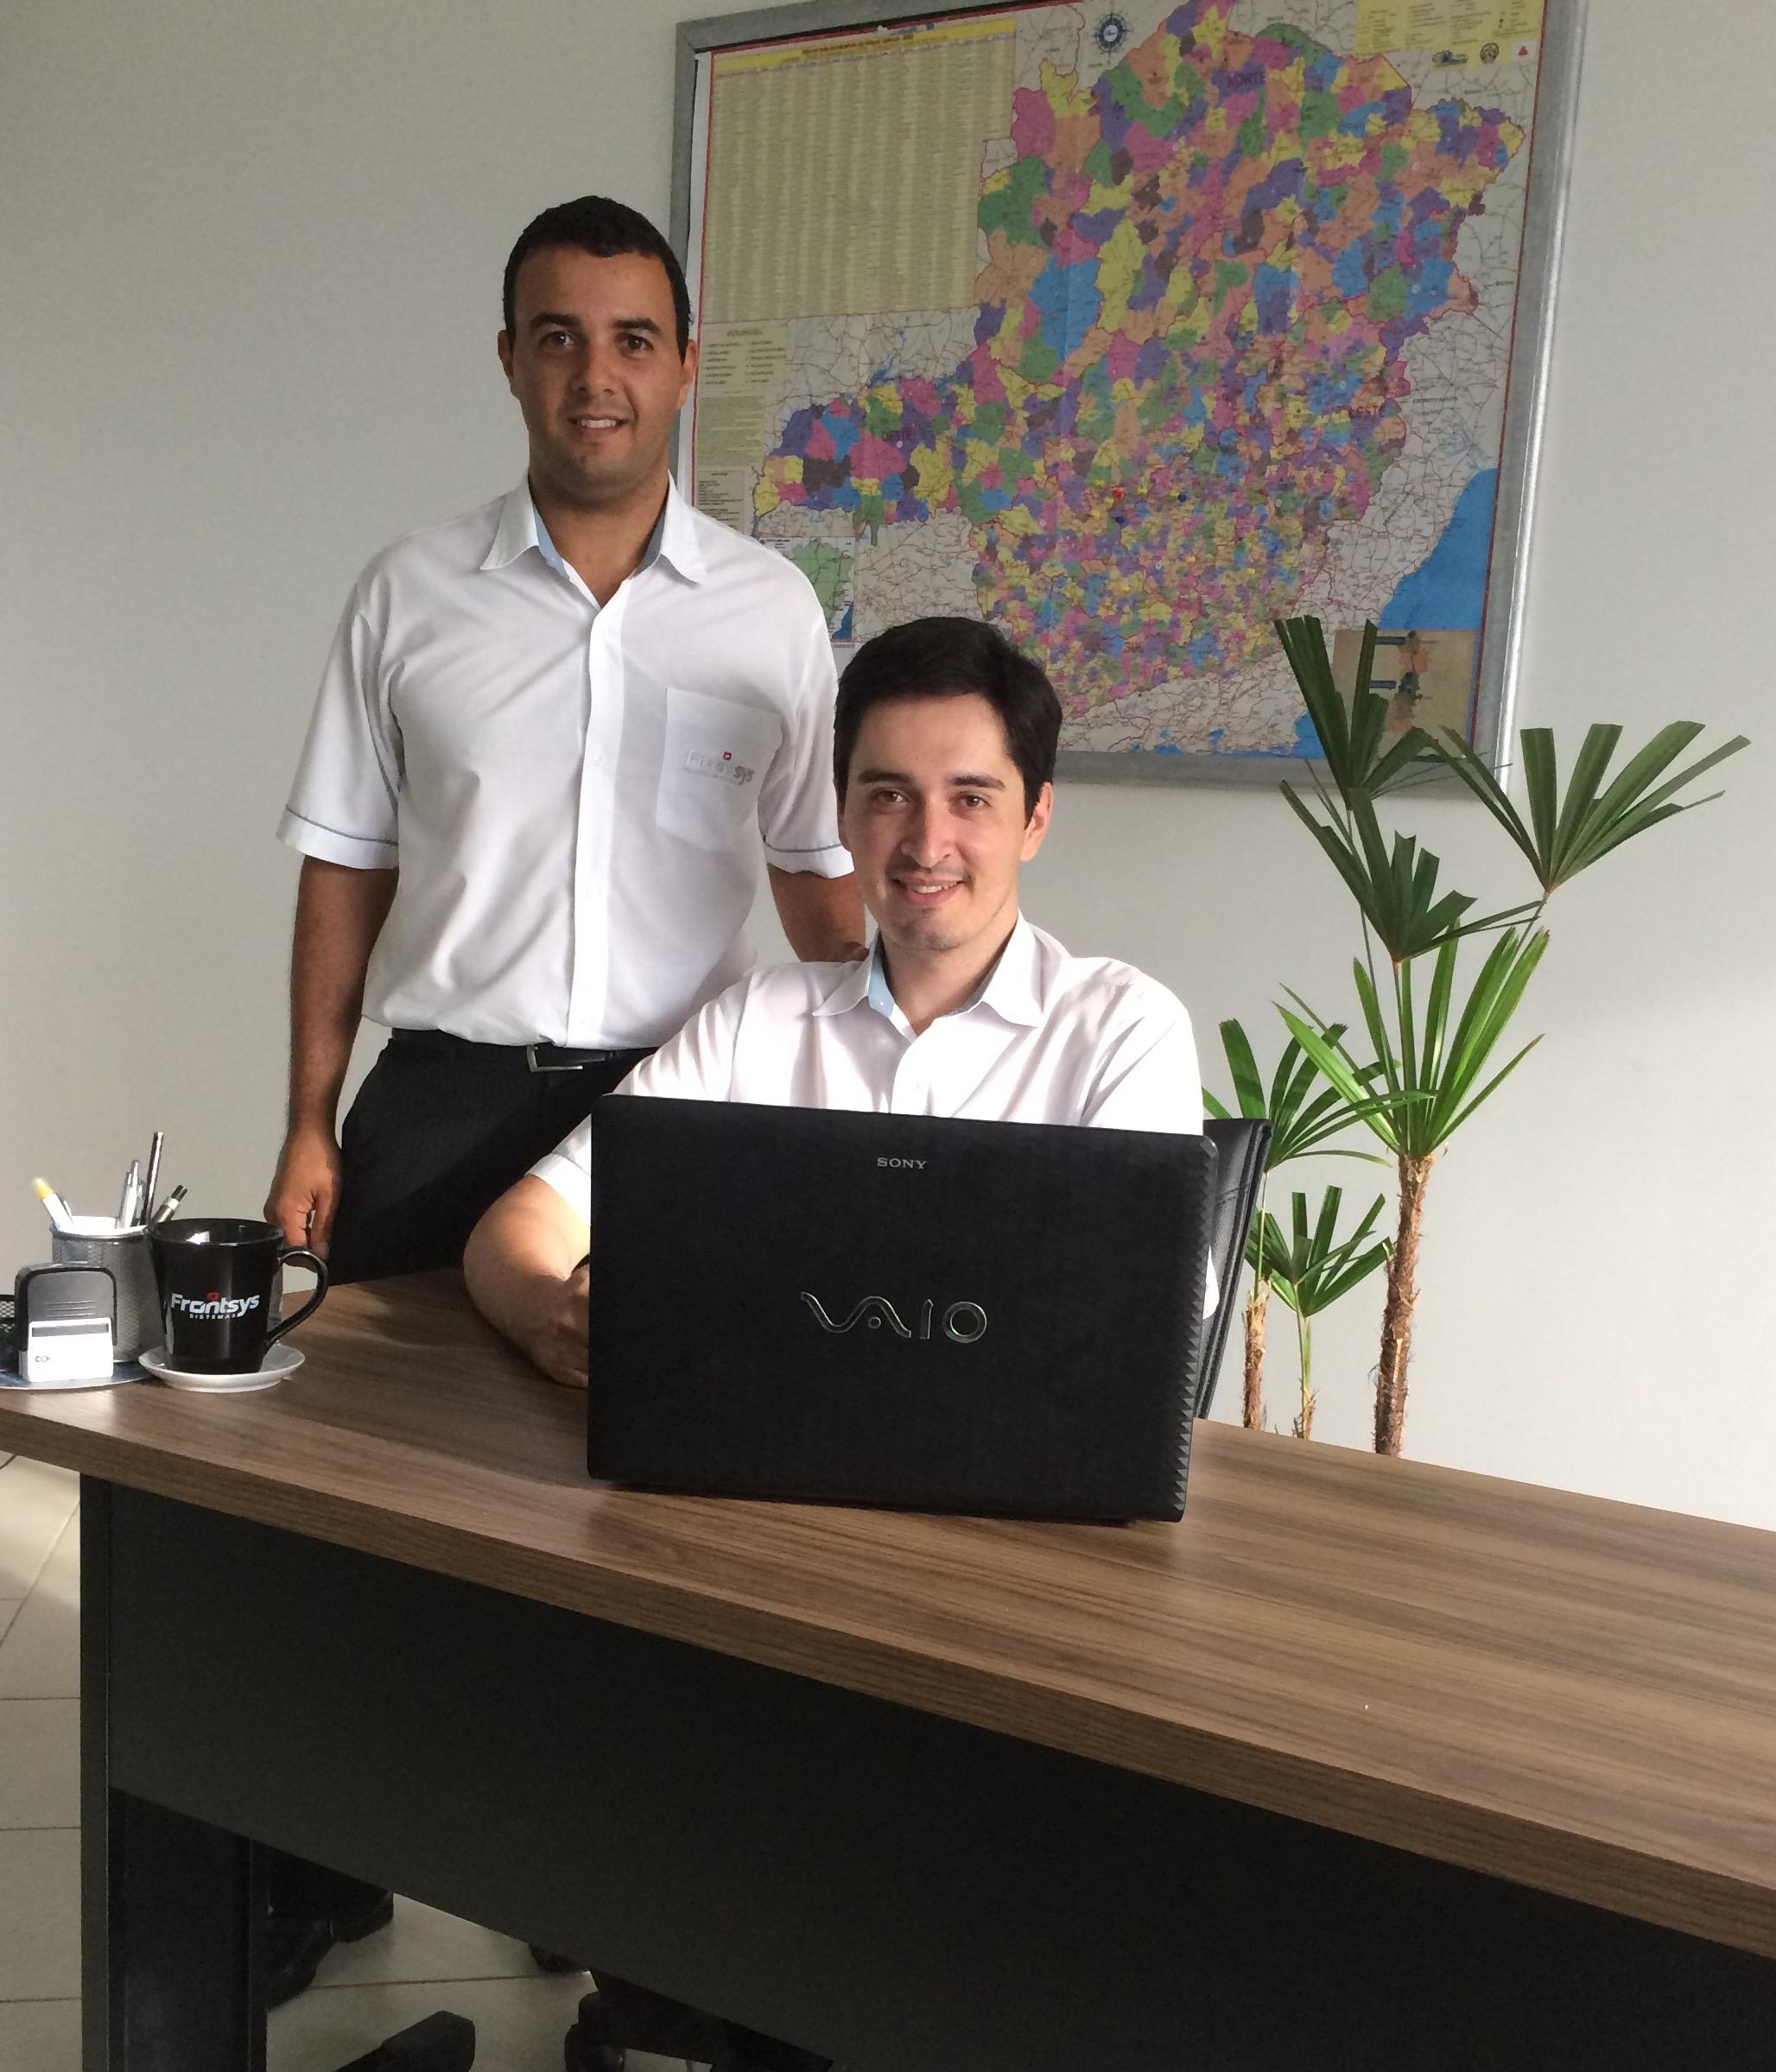 Luis André e seu sócio, Daniel - hoje coordenam uma fábrica de software